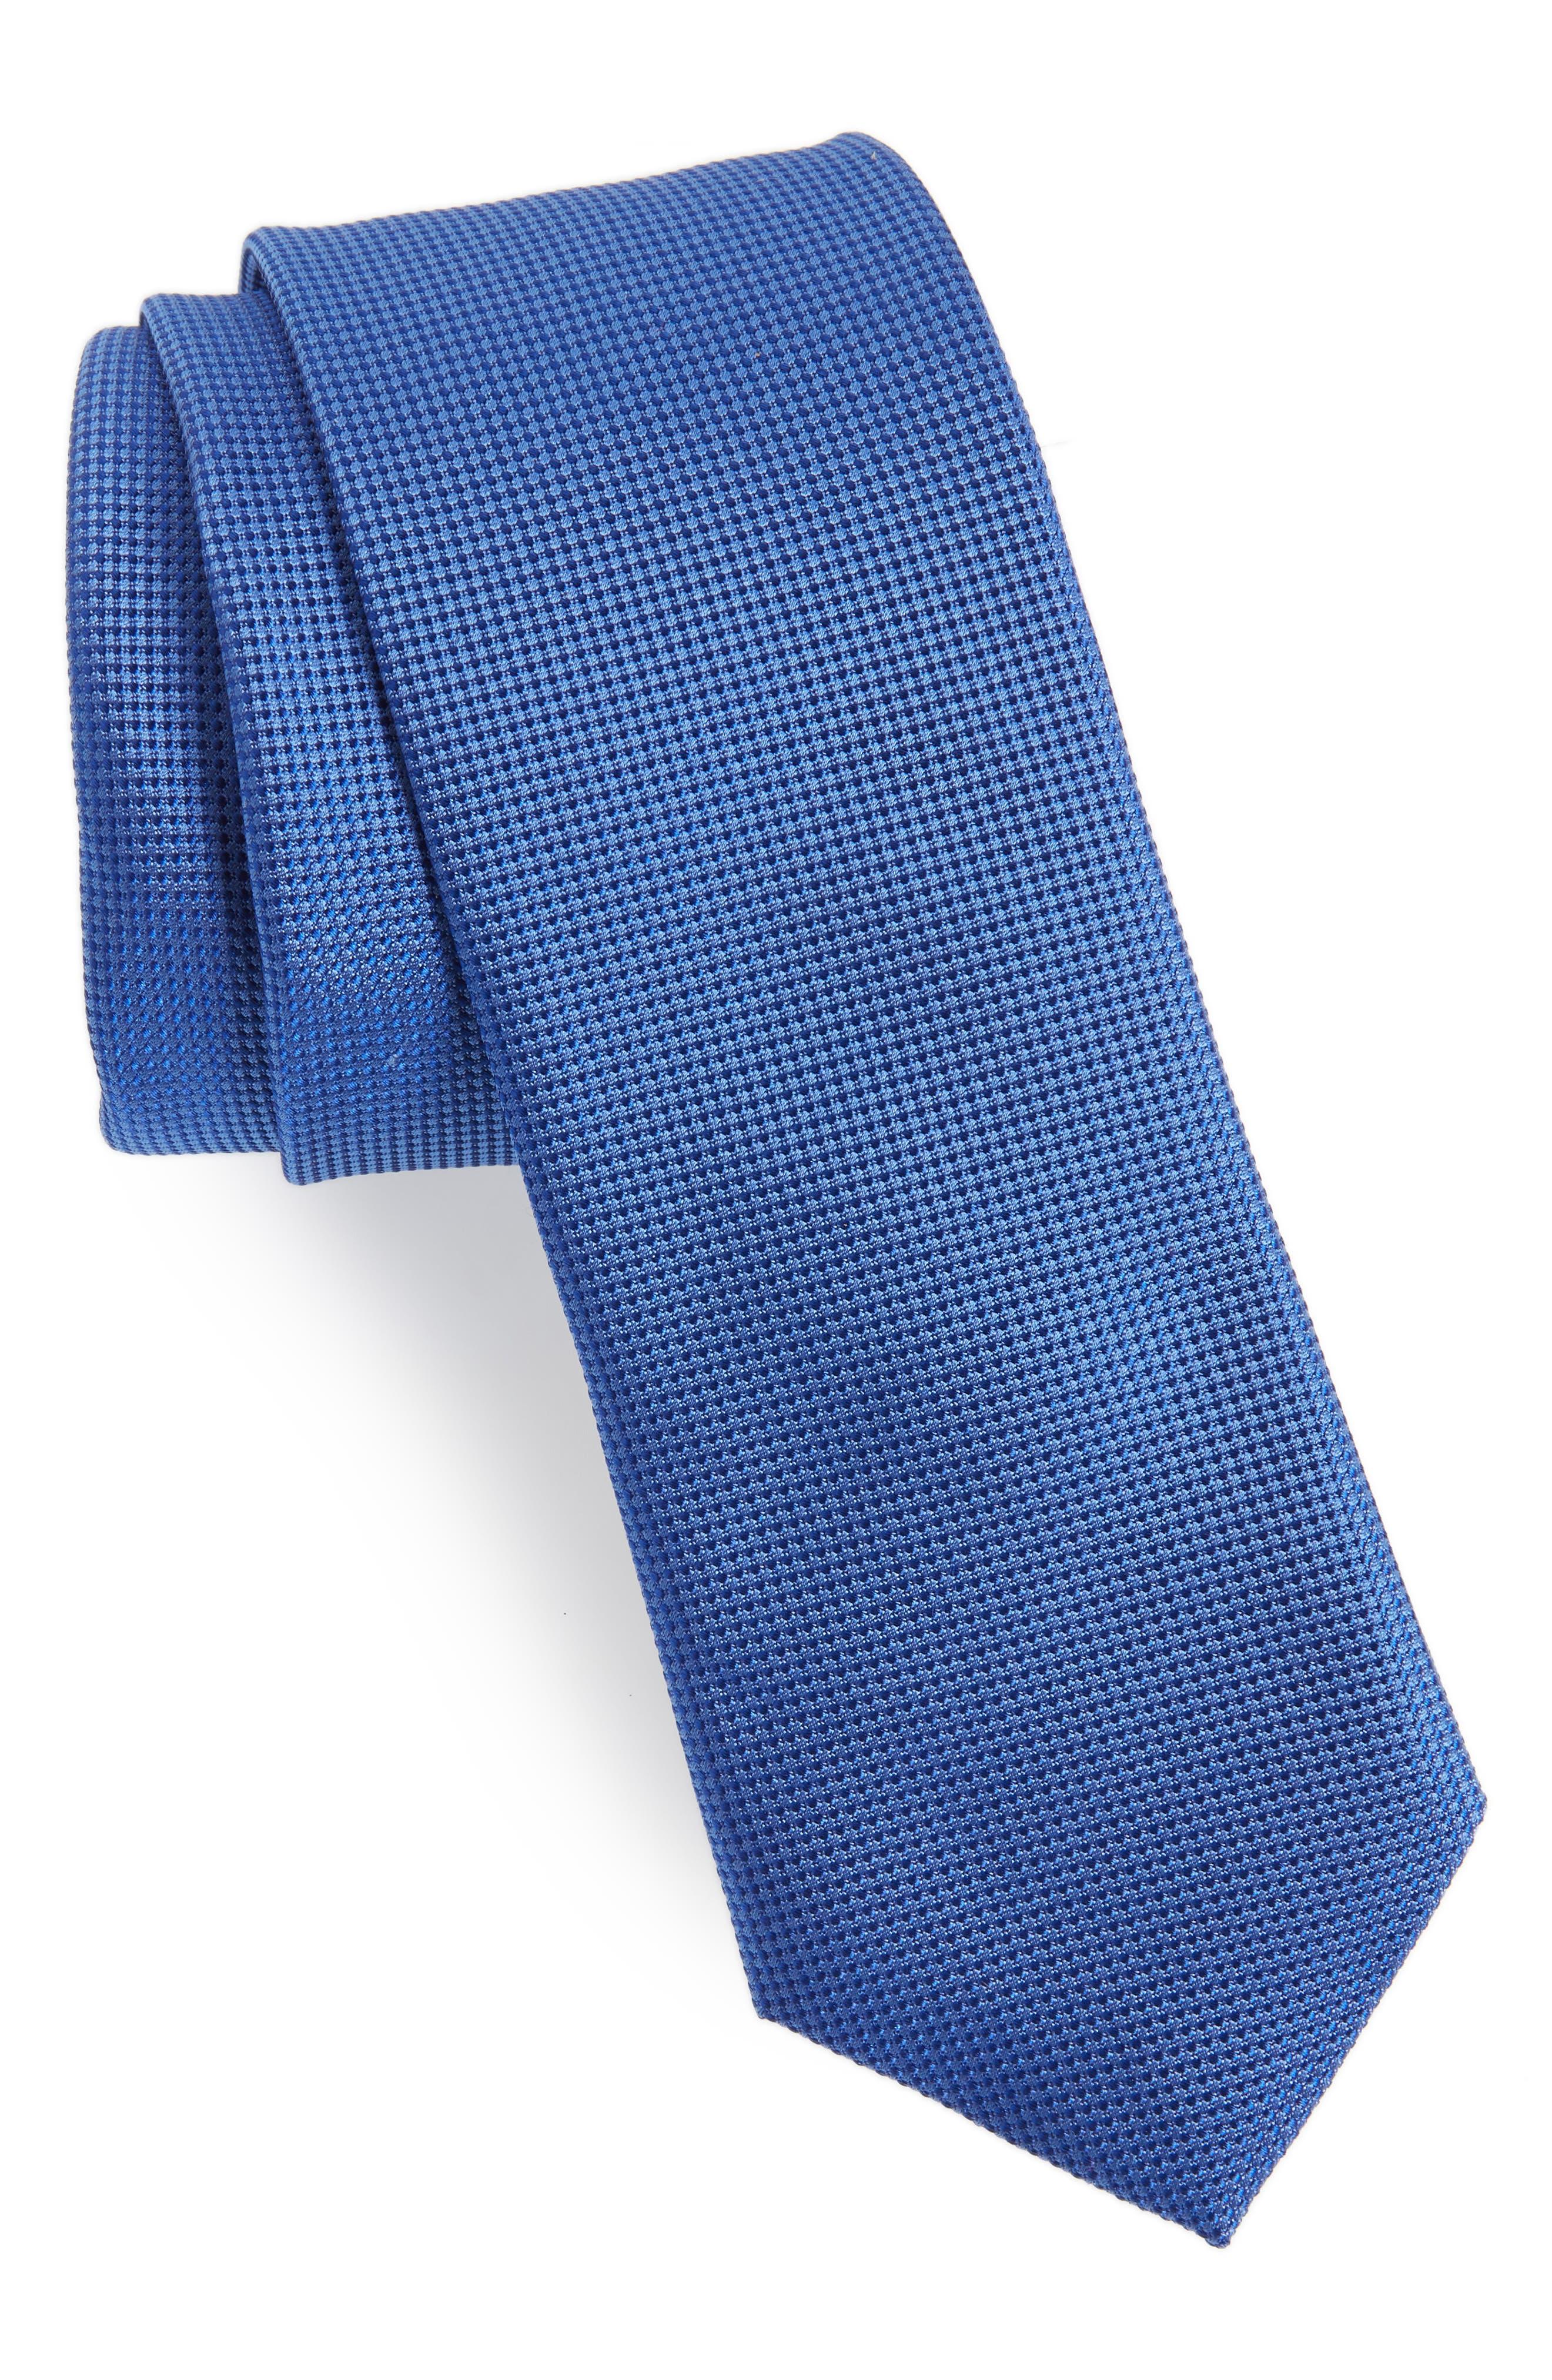 Jameswood Silk Tie,                         Main,                         color, Blue